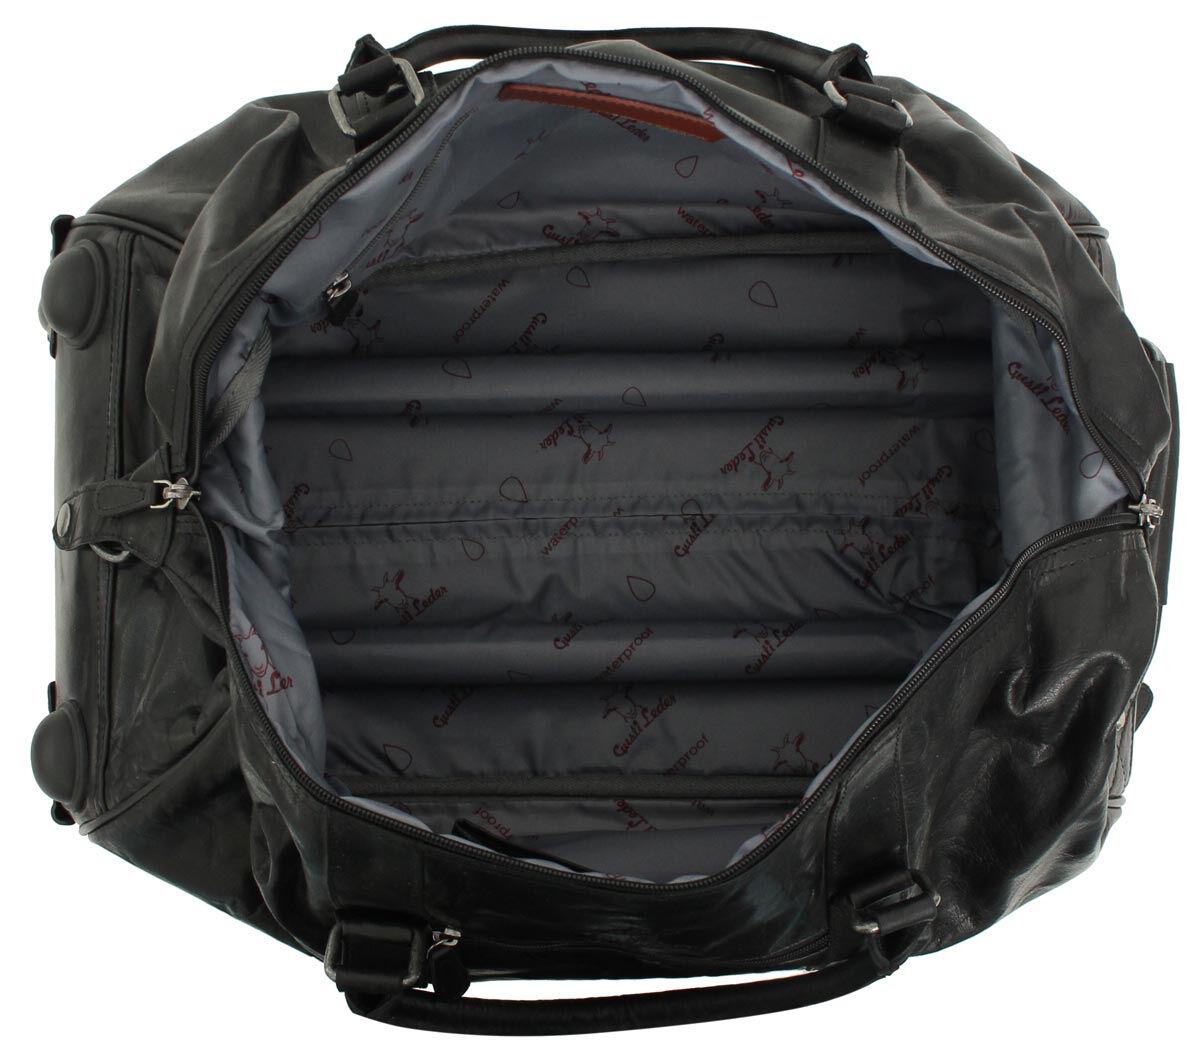 Outlet Reisetasche - faltiges Leder - Altes Logo- eines defekten Reißverschlusses - ansonsten neu